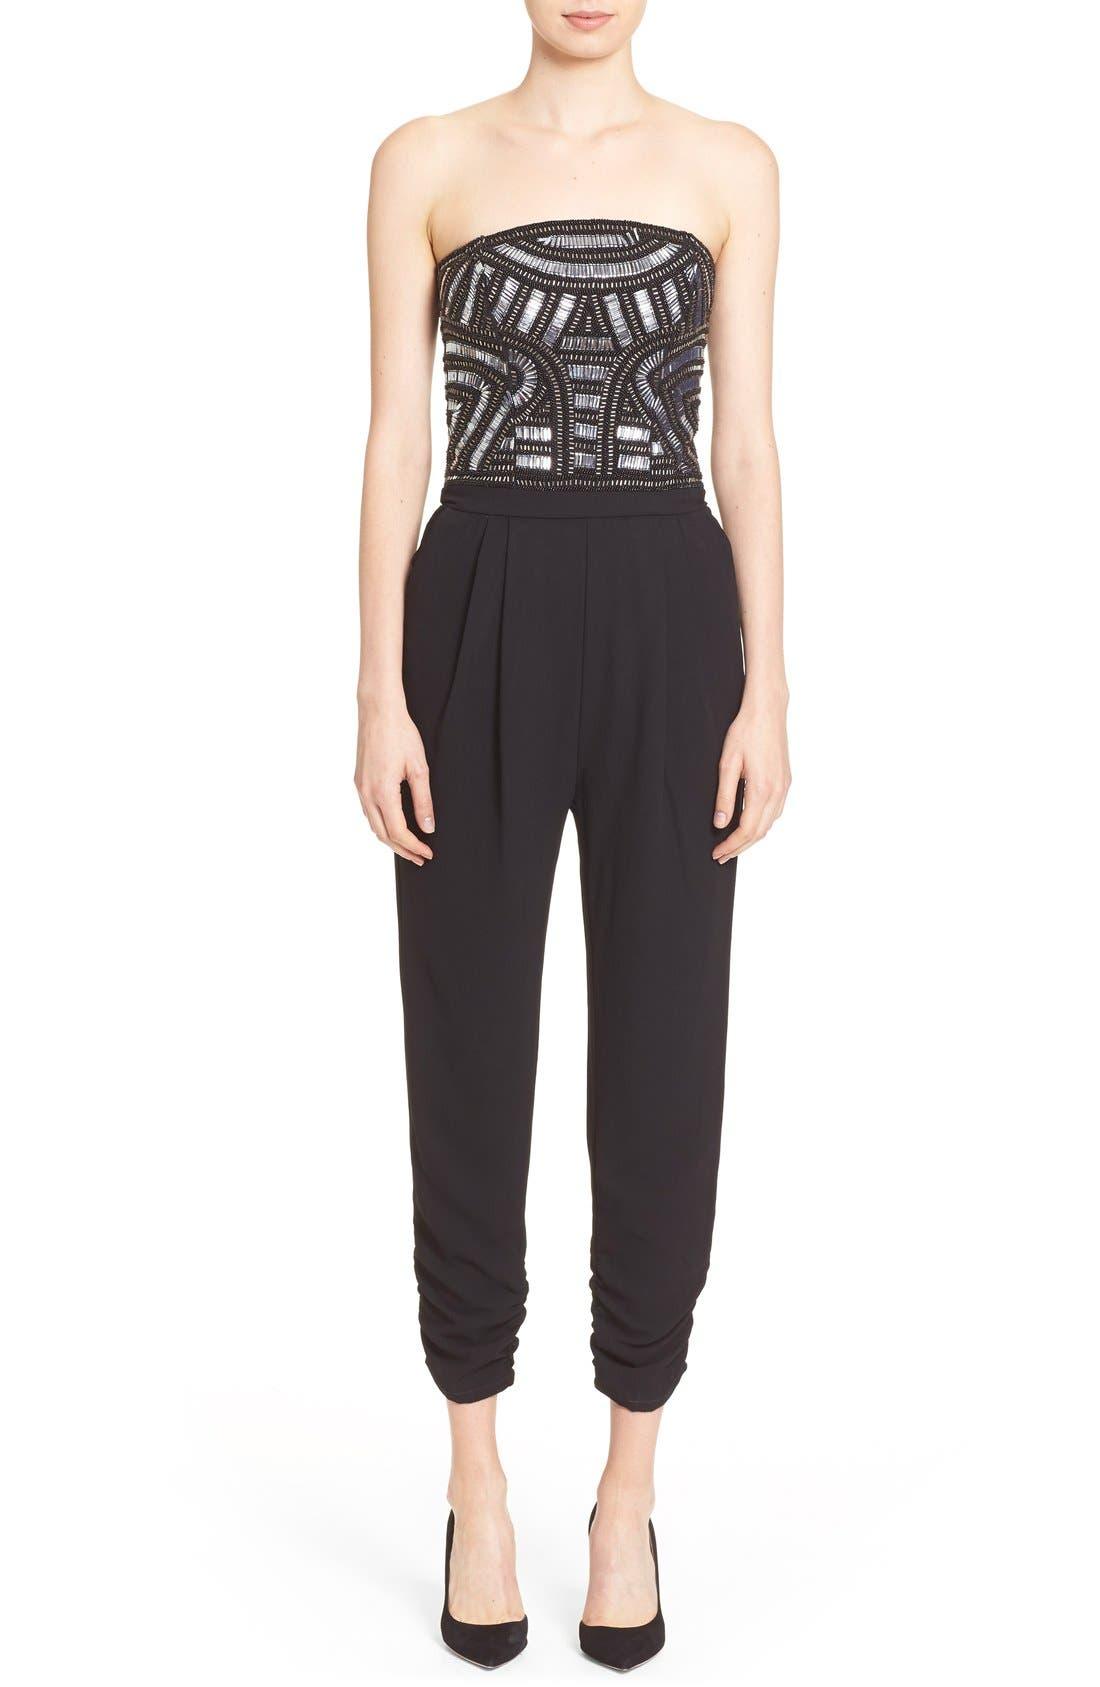 Alternate Image 1 Selected - Parker 'Giovanna' Embellished Strapless Jumpsuit